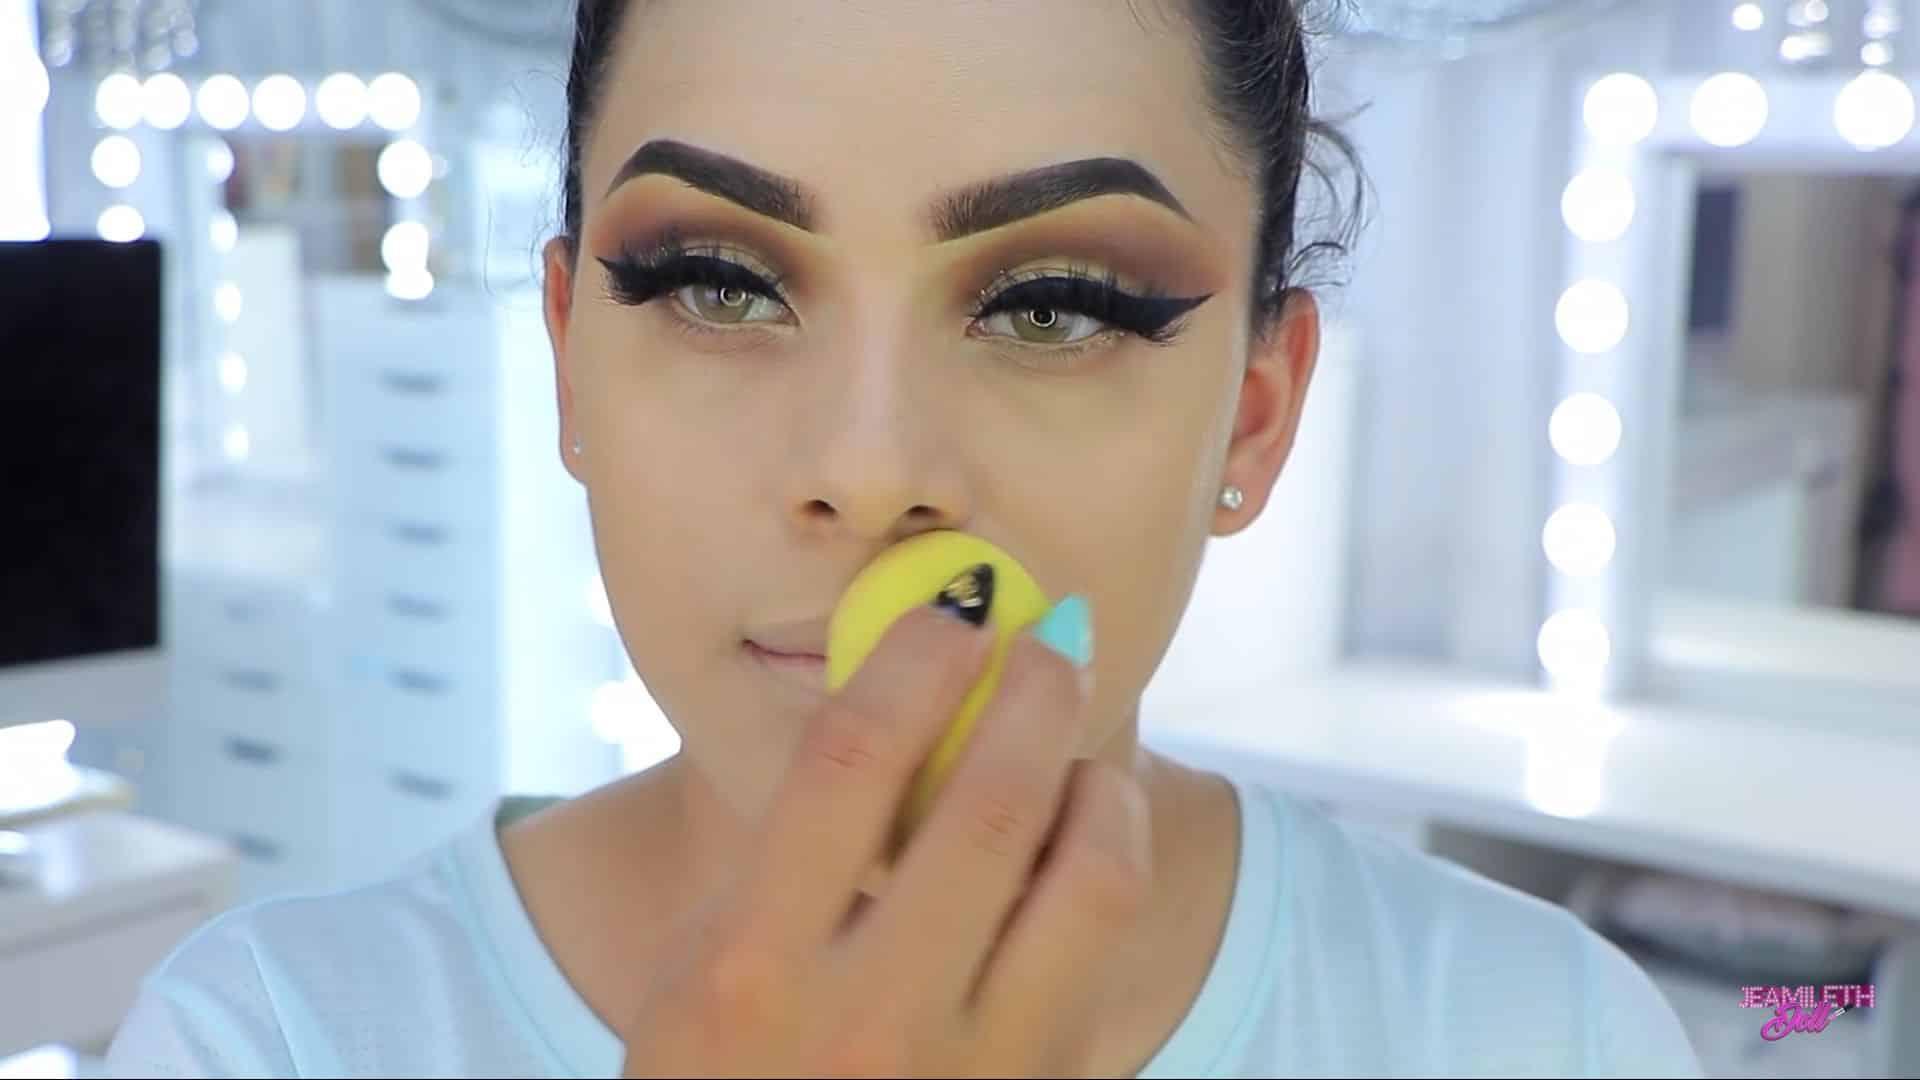 Maquillate como Jasmine facil y rapido Jeamileth Doll 2020, difuminado de la base.